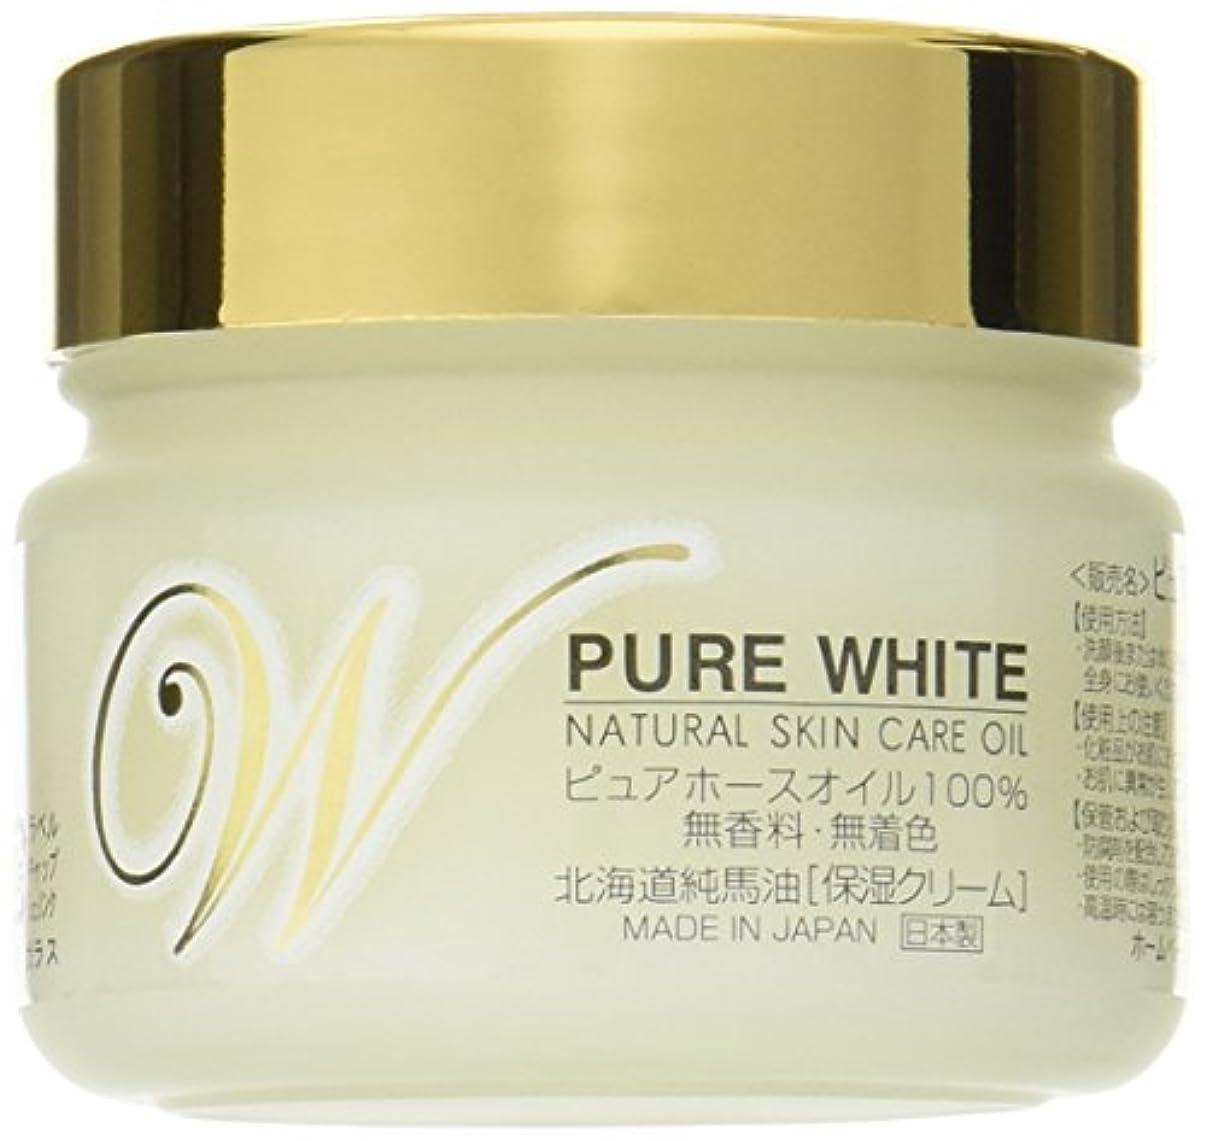 毎年けがをする私たち北海道純馬油本舗 ピュアホワイト ピュアホースオイル100% 保湿クリーム 無香料無着色 100g